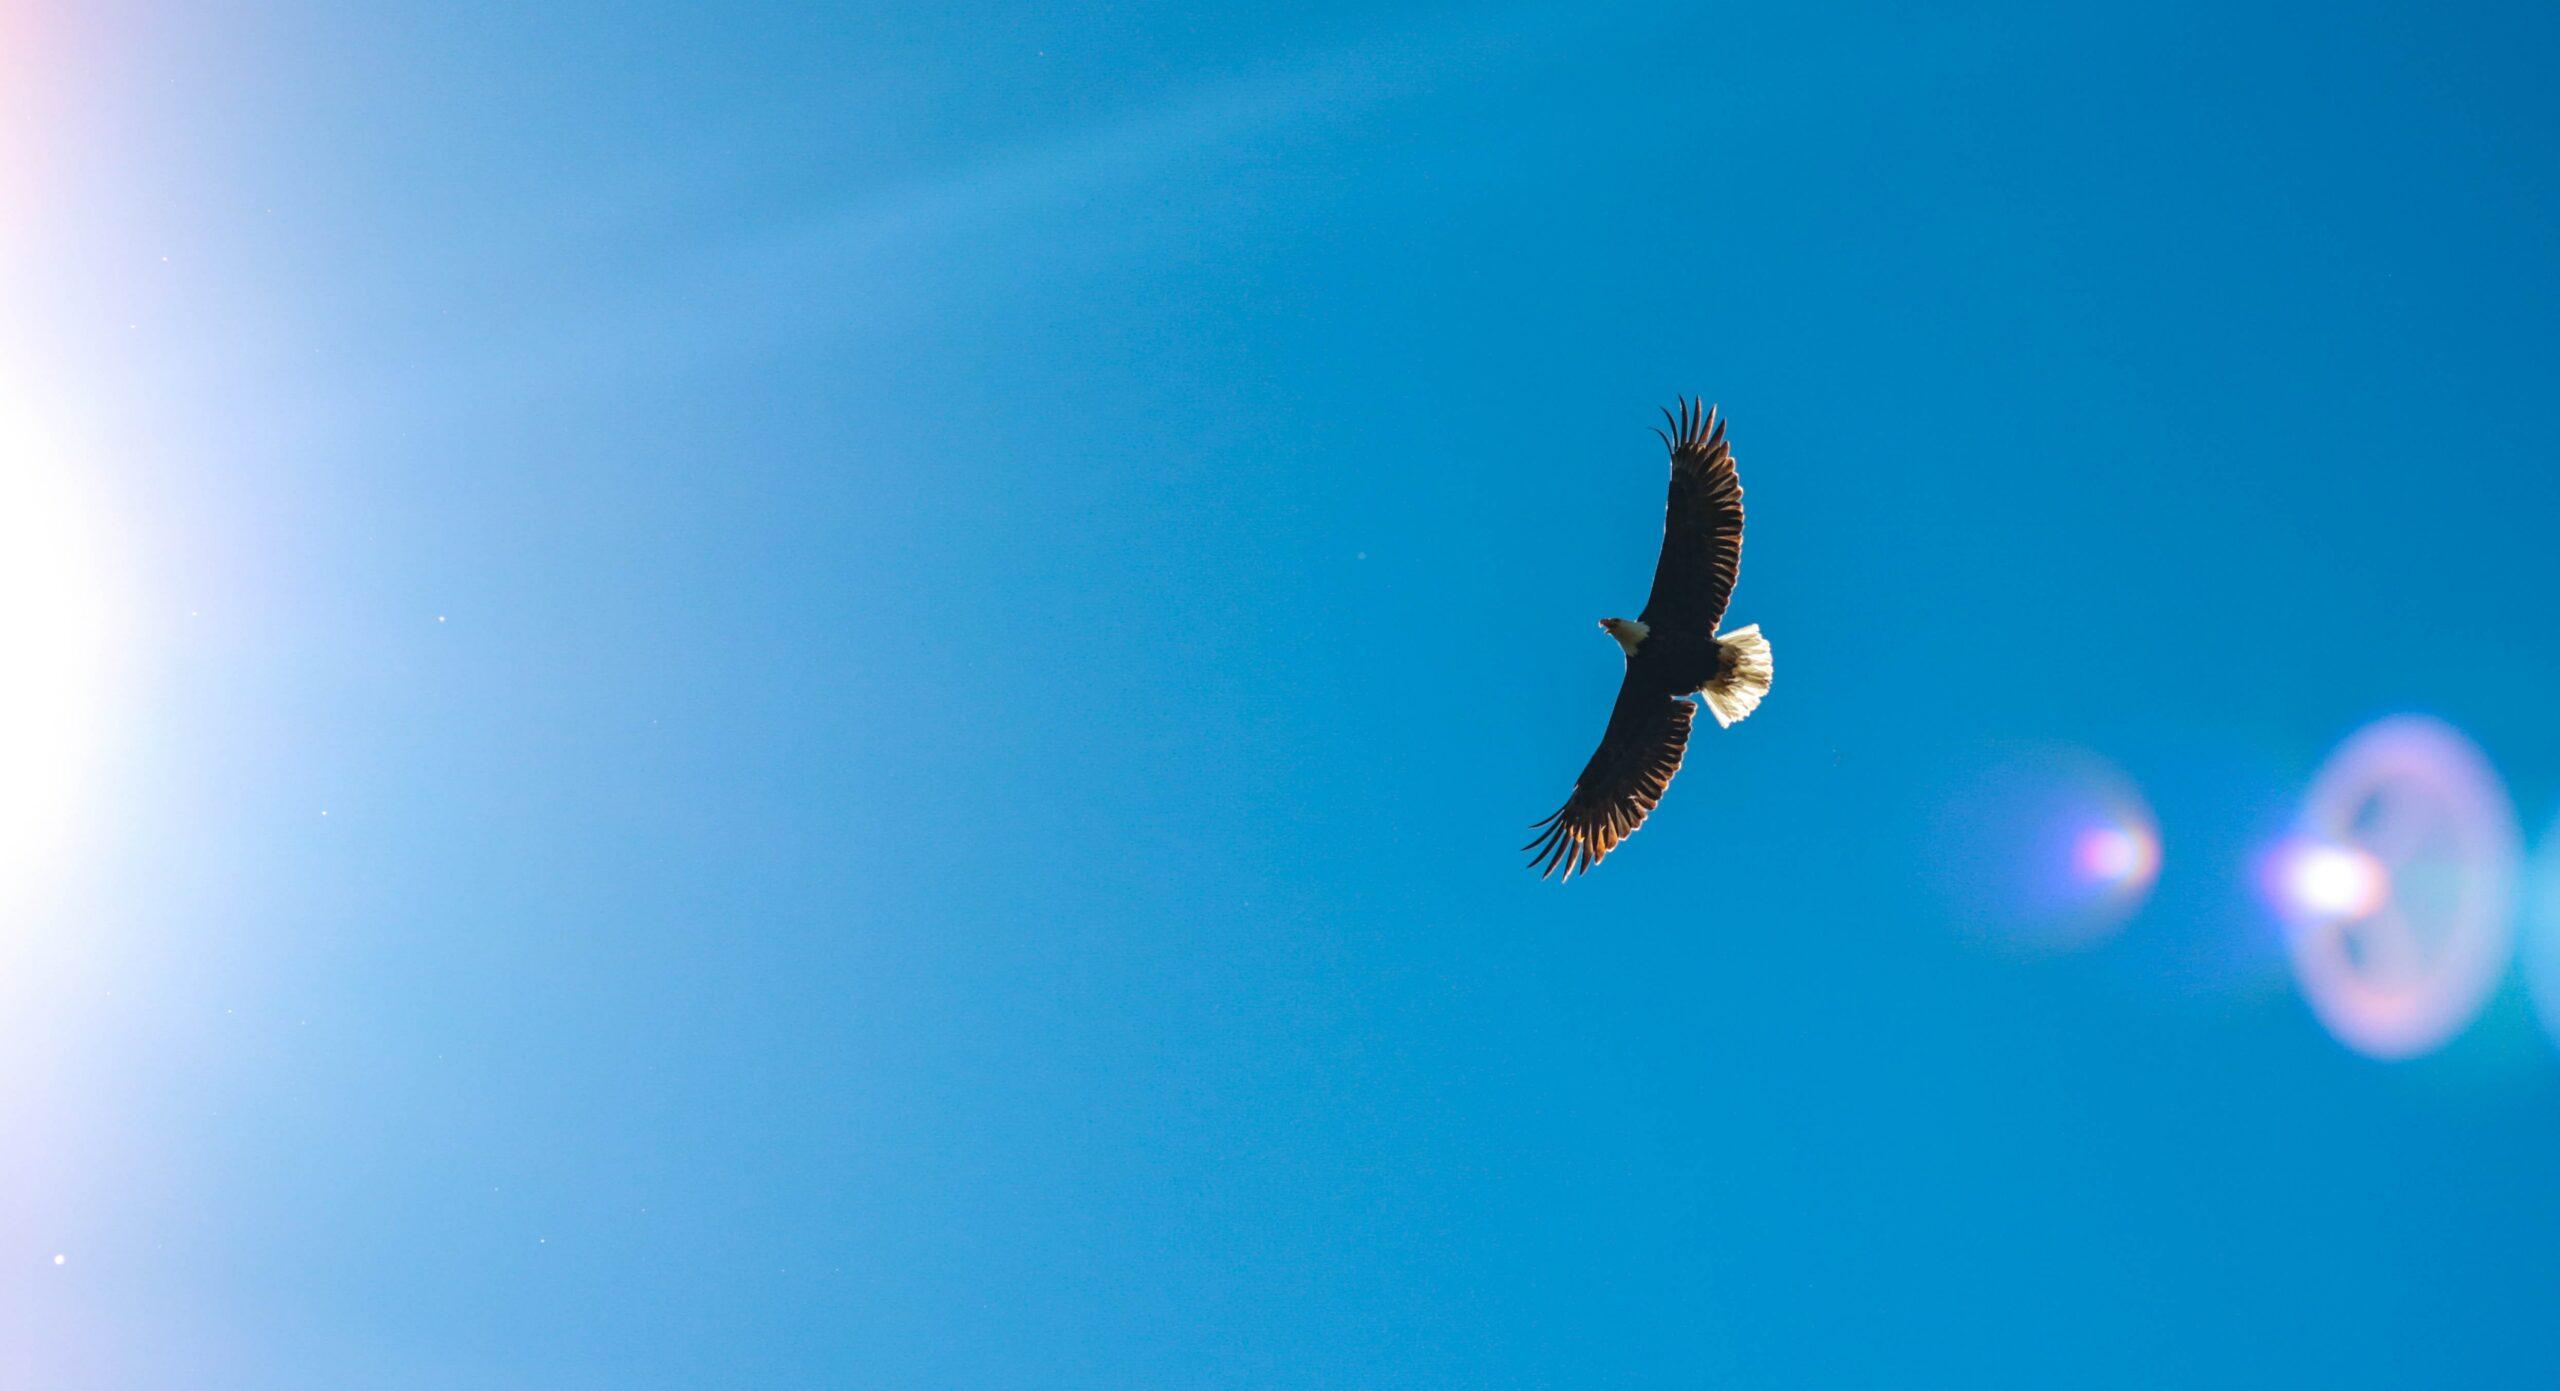 adler fliegt am blauen Himmel